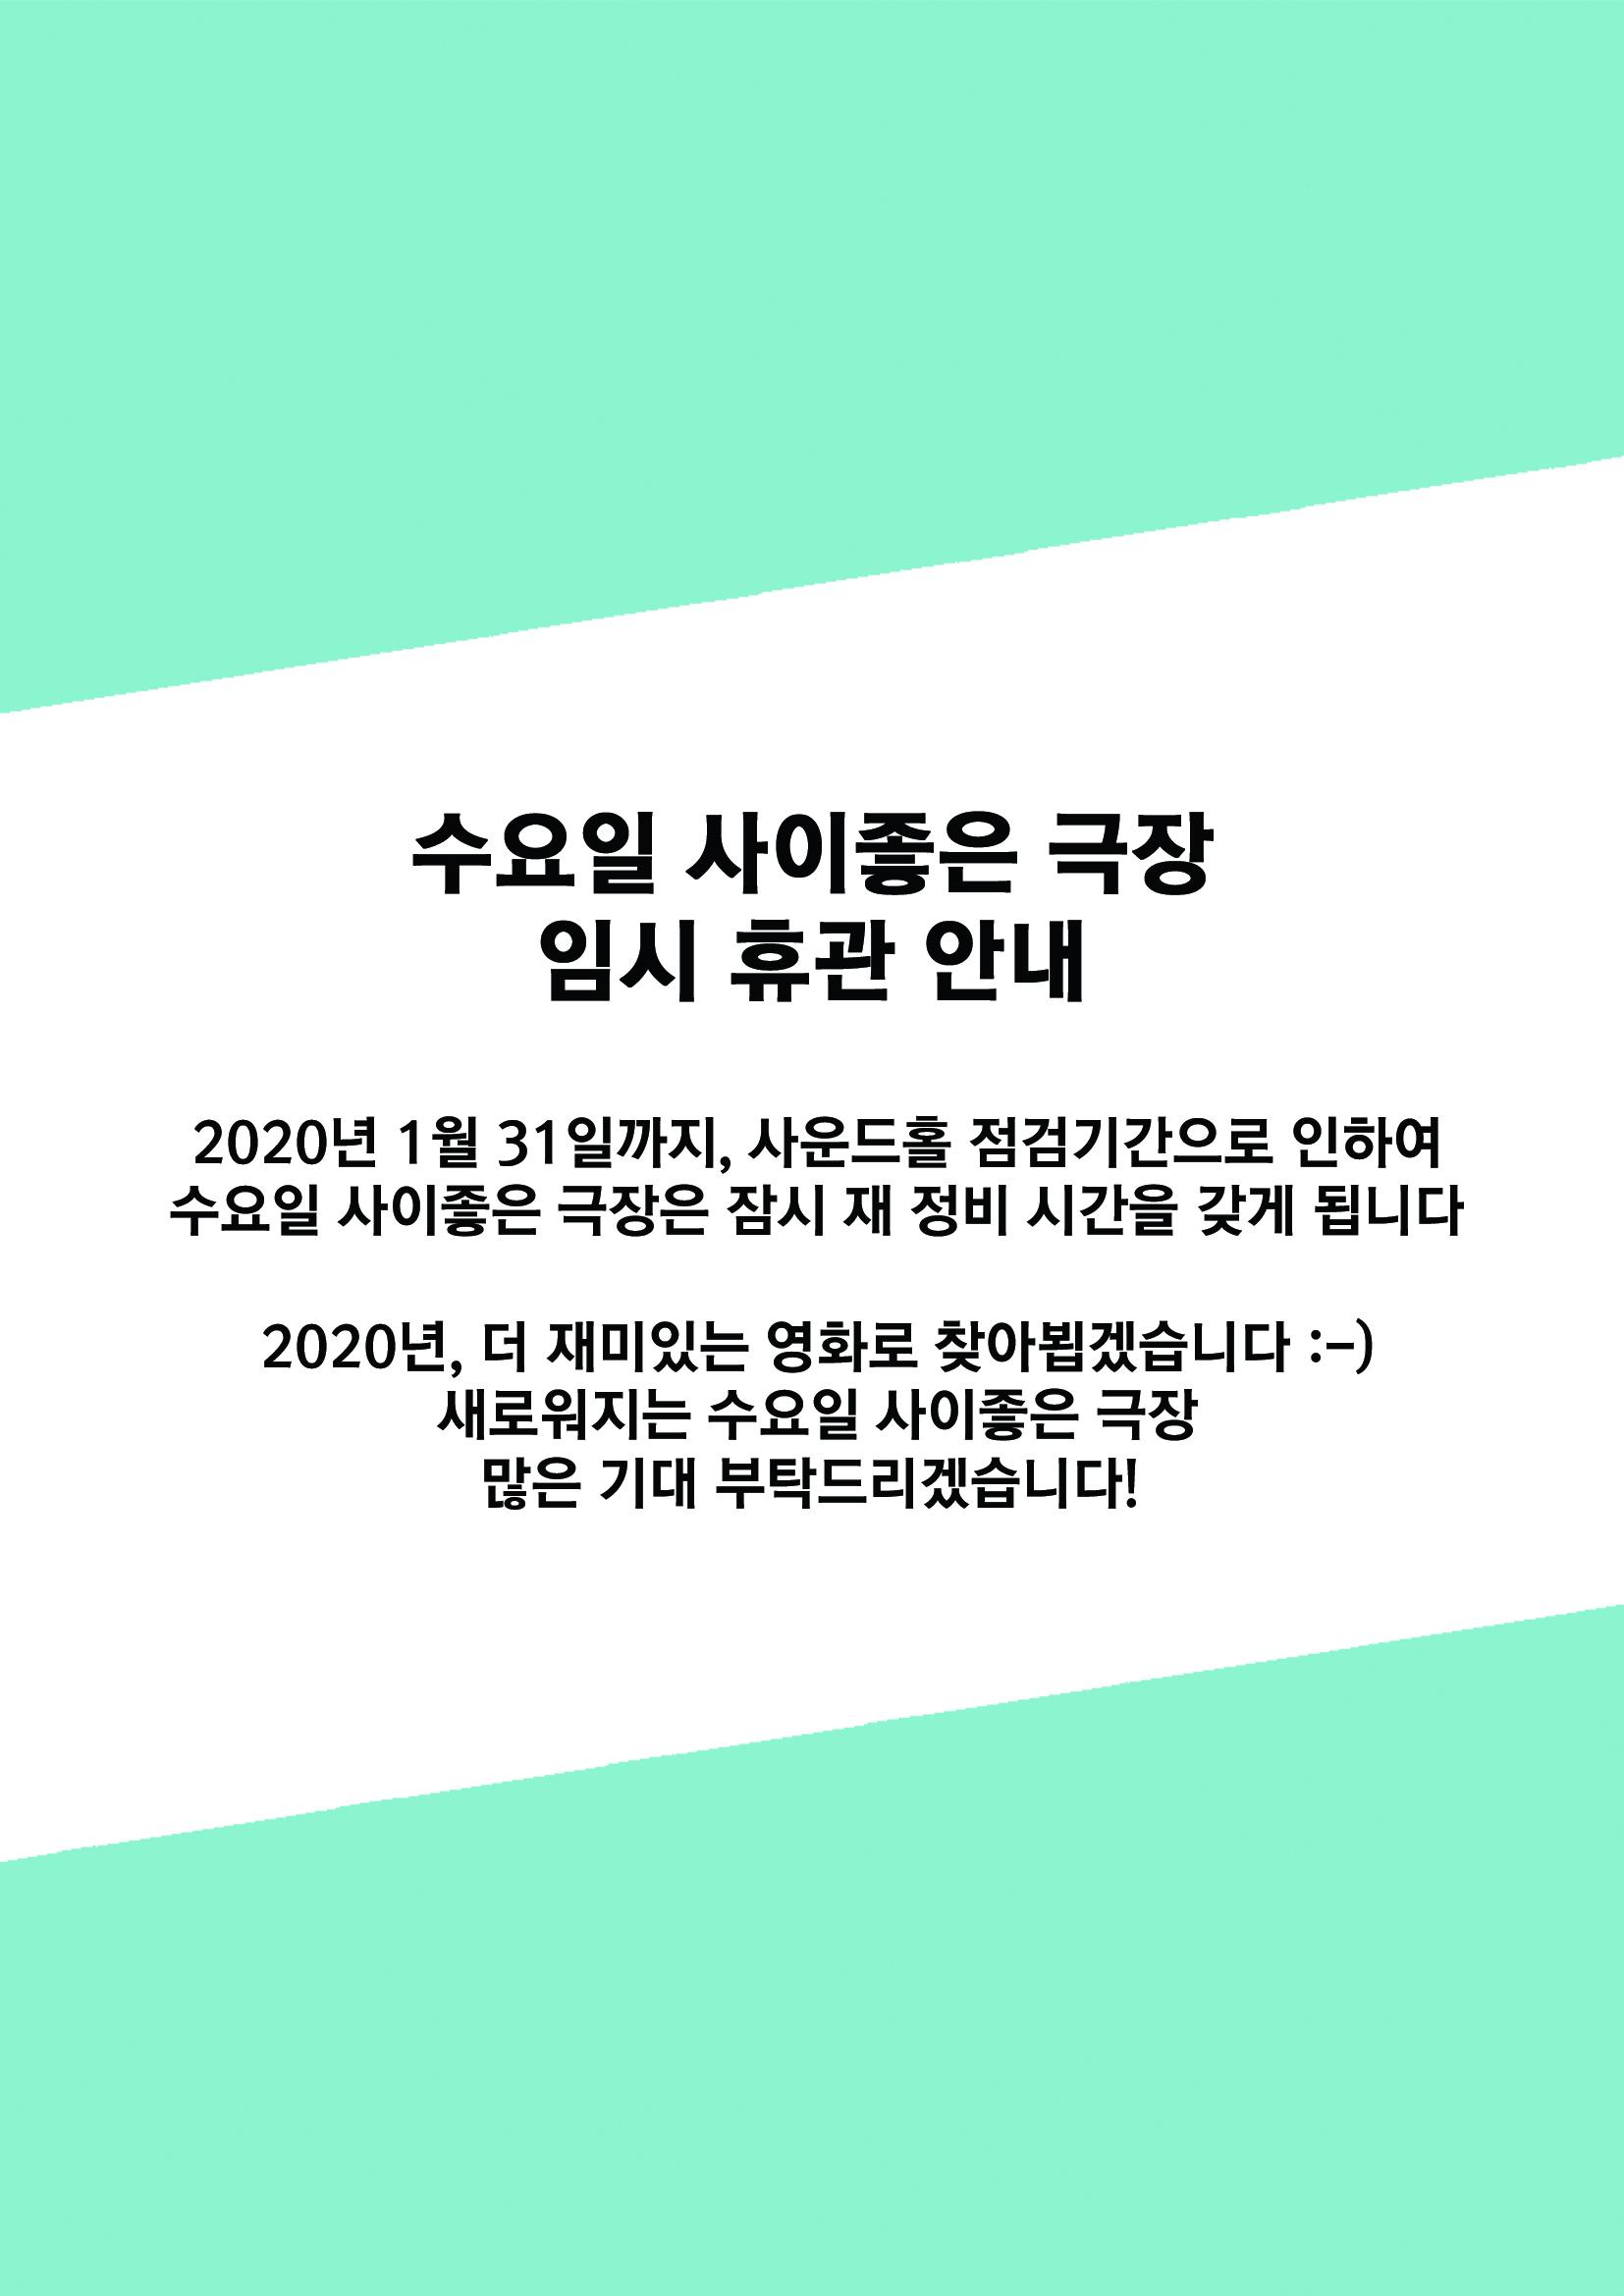 KakaoTalk_20200108_103010734.jpg